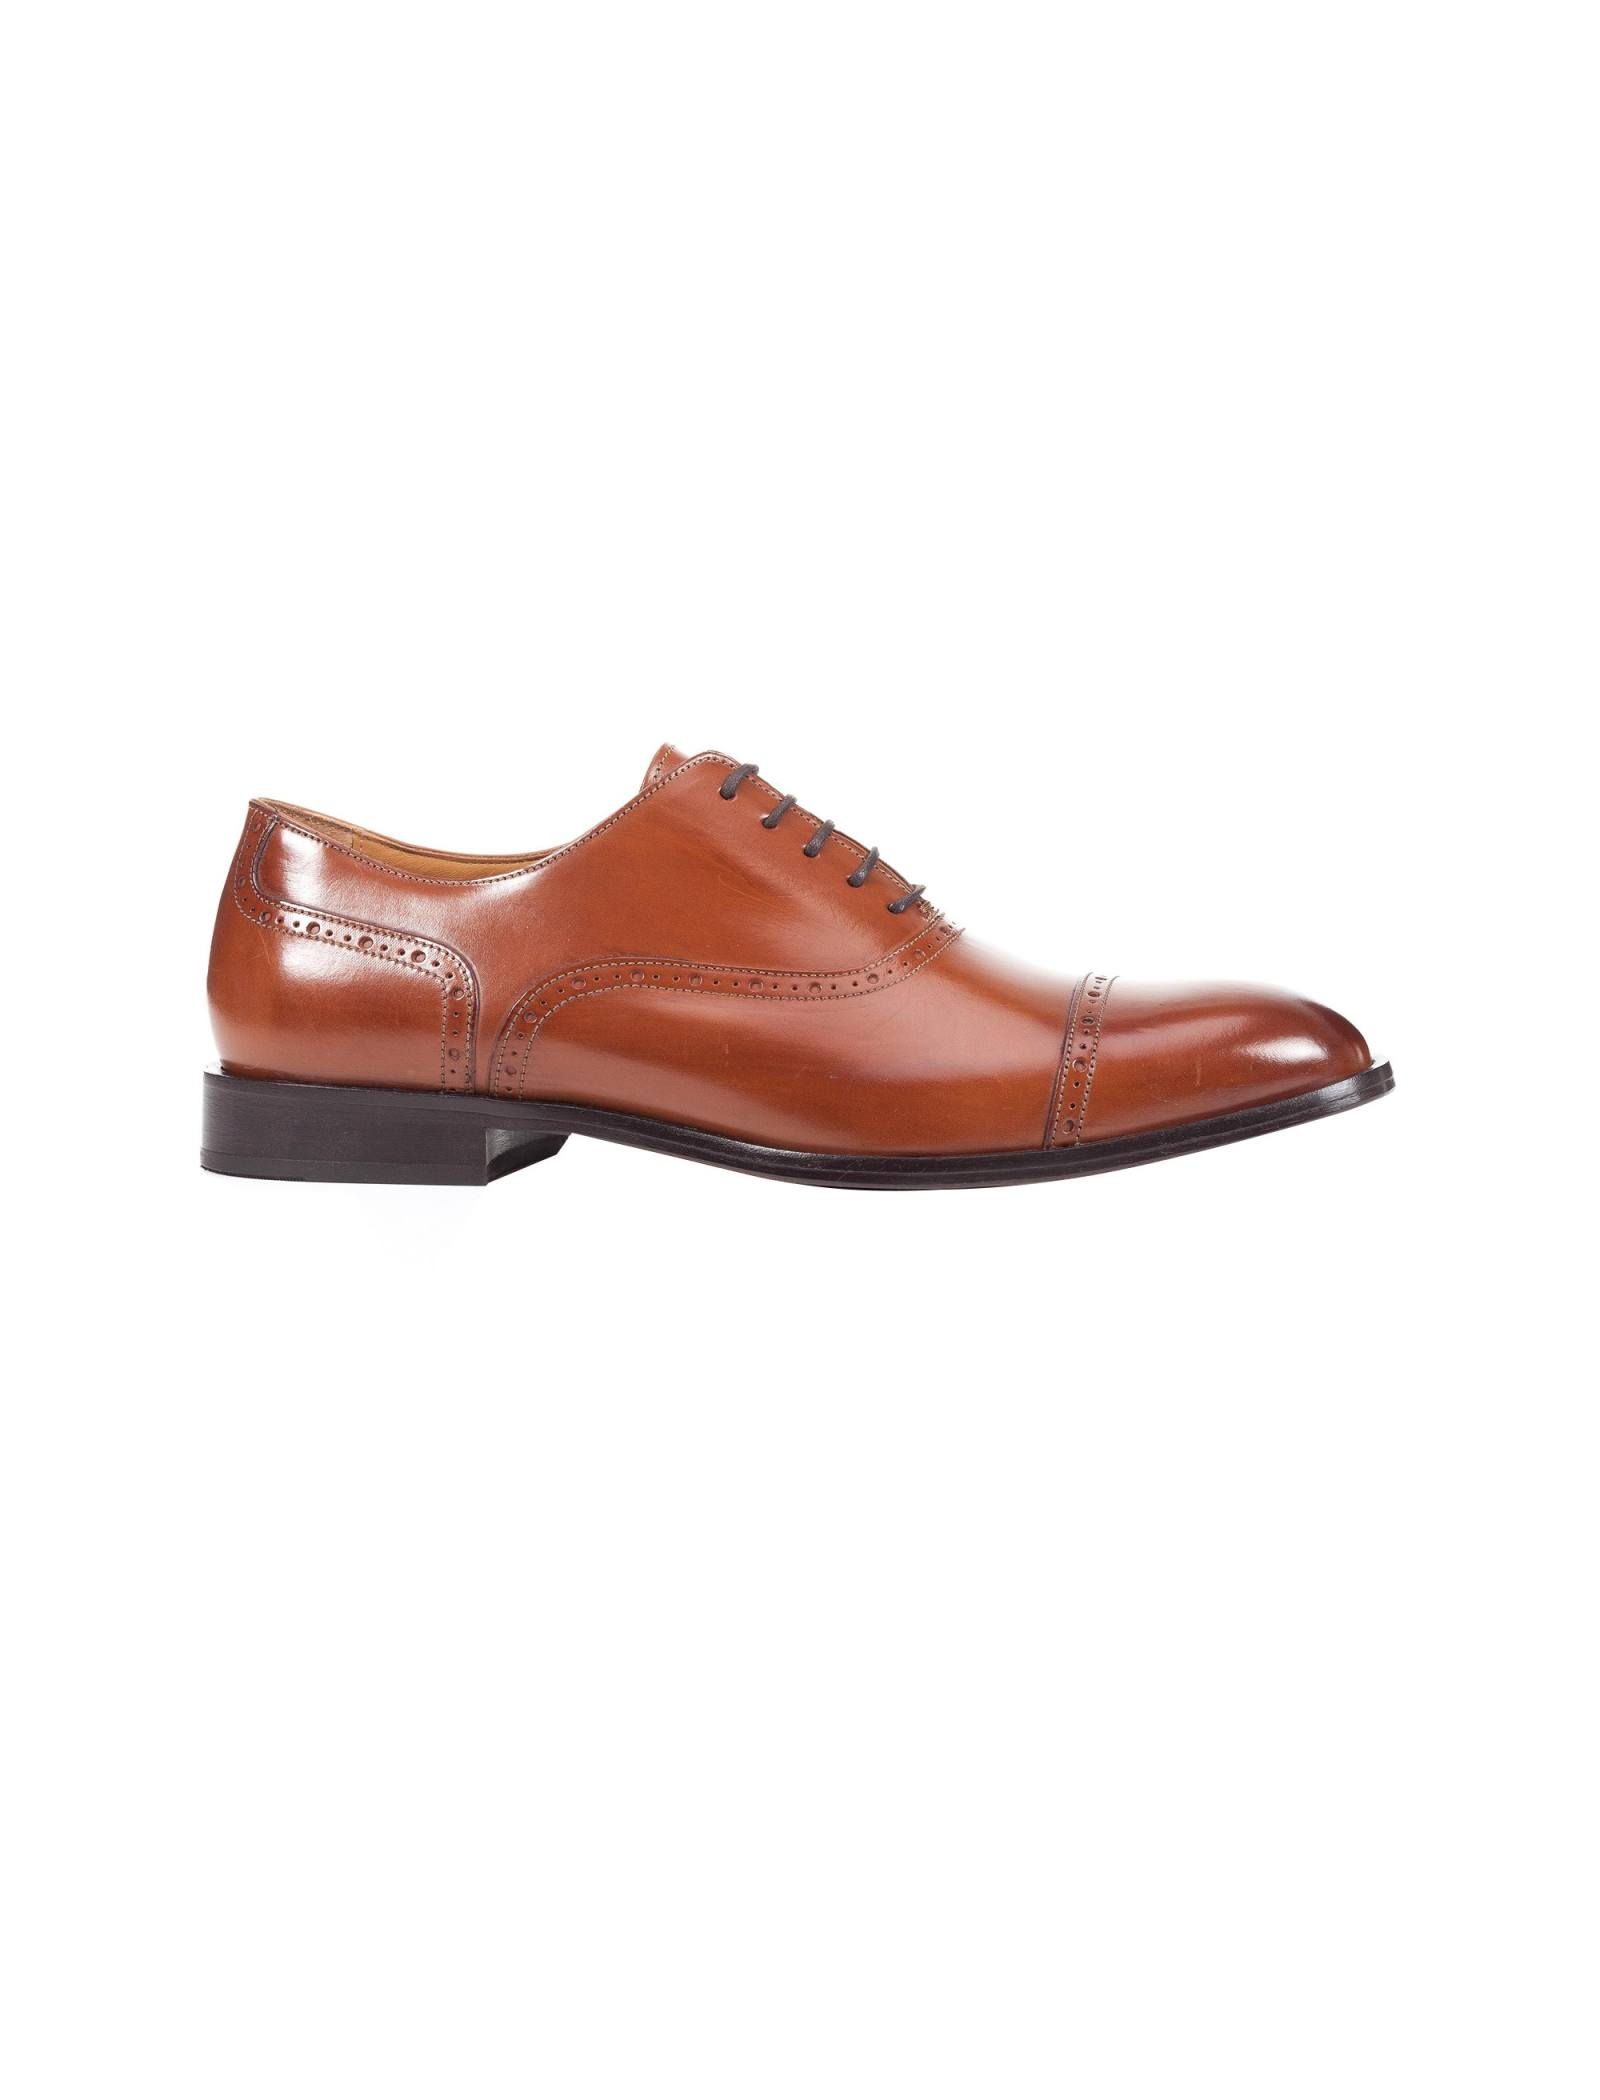 کفش رسمی چرم مردانه Saymore A - جی اوکس - قهوه اي  - 1